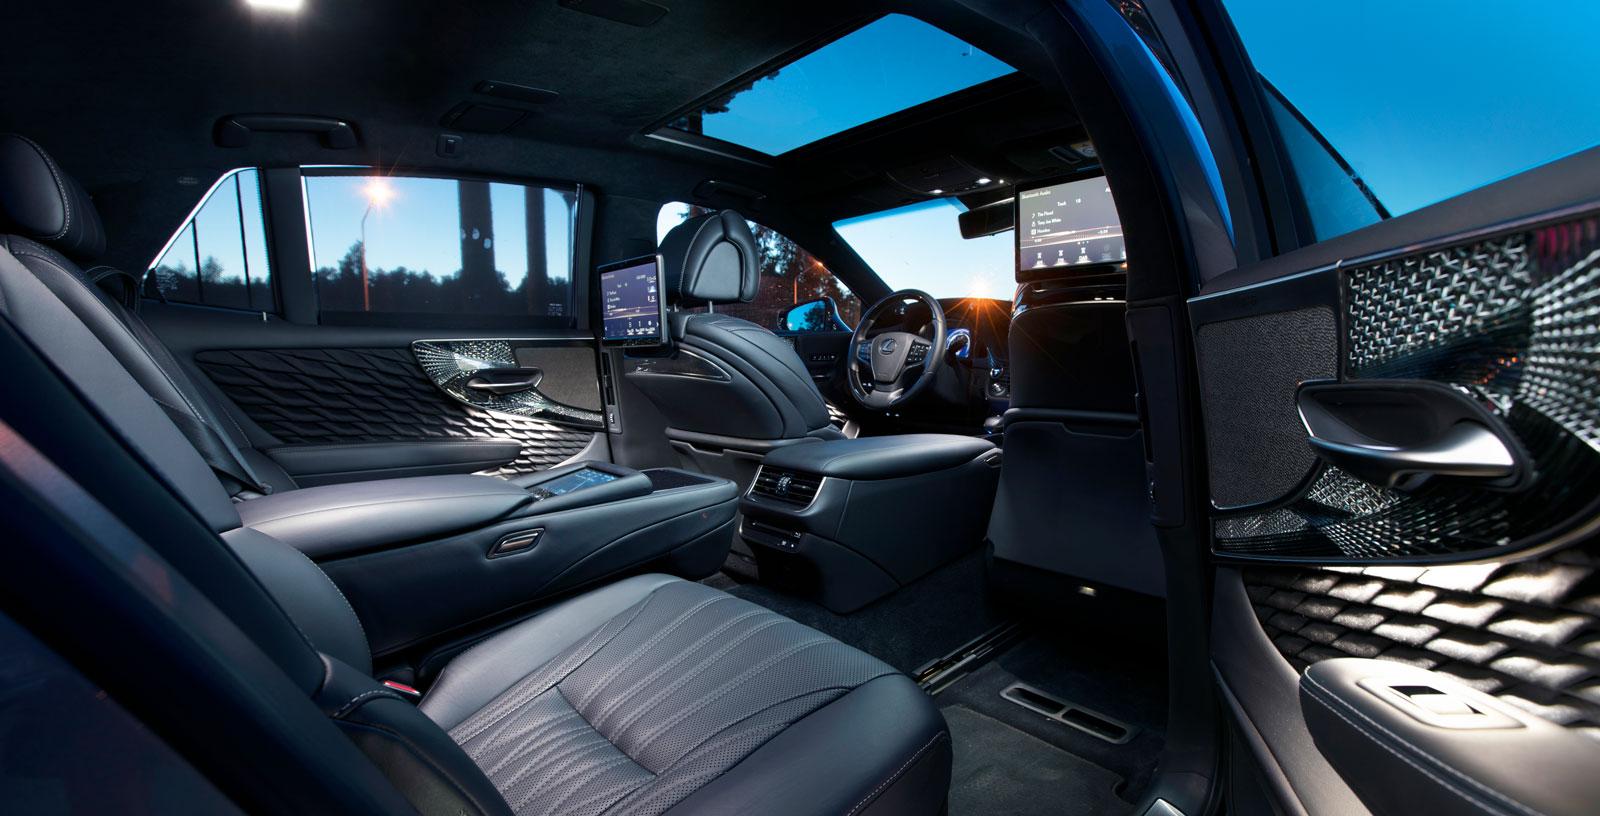 Lexus har ett högre grundpris än konkurrenterna. Men då ingår också i stort sett all lyxutrustning, inklusive de origami-inspirerade dörrsidorna.